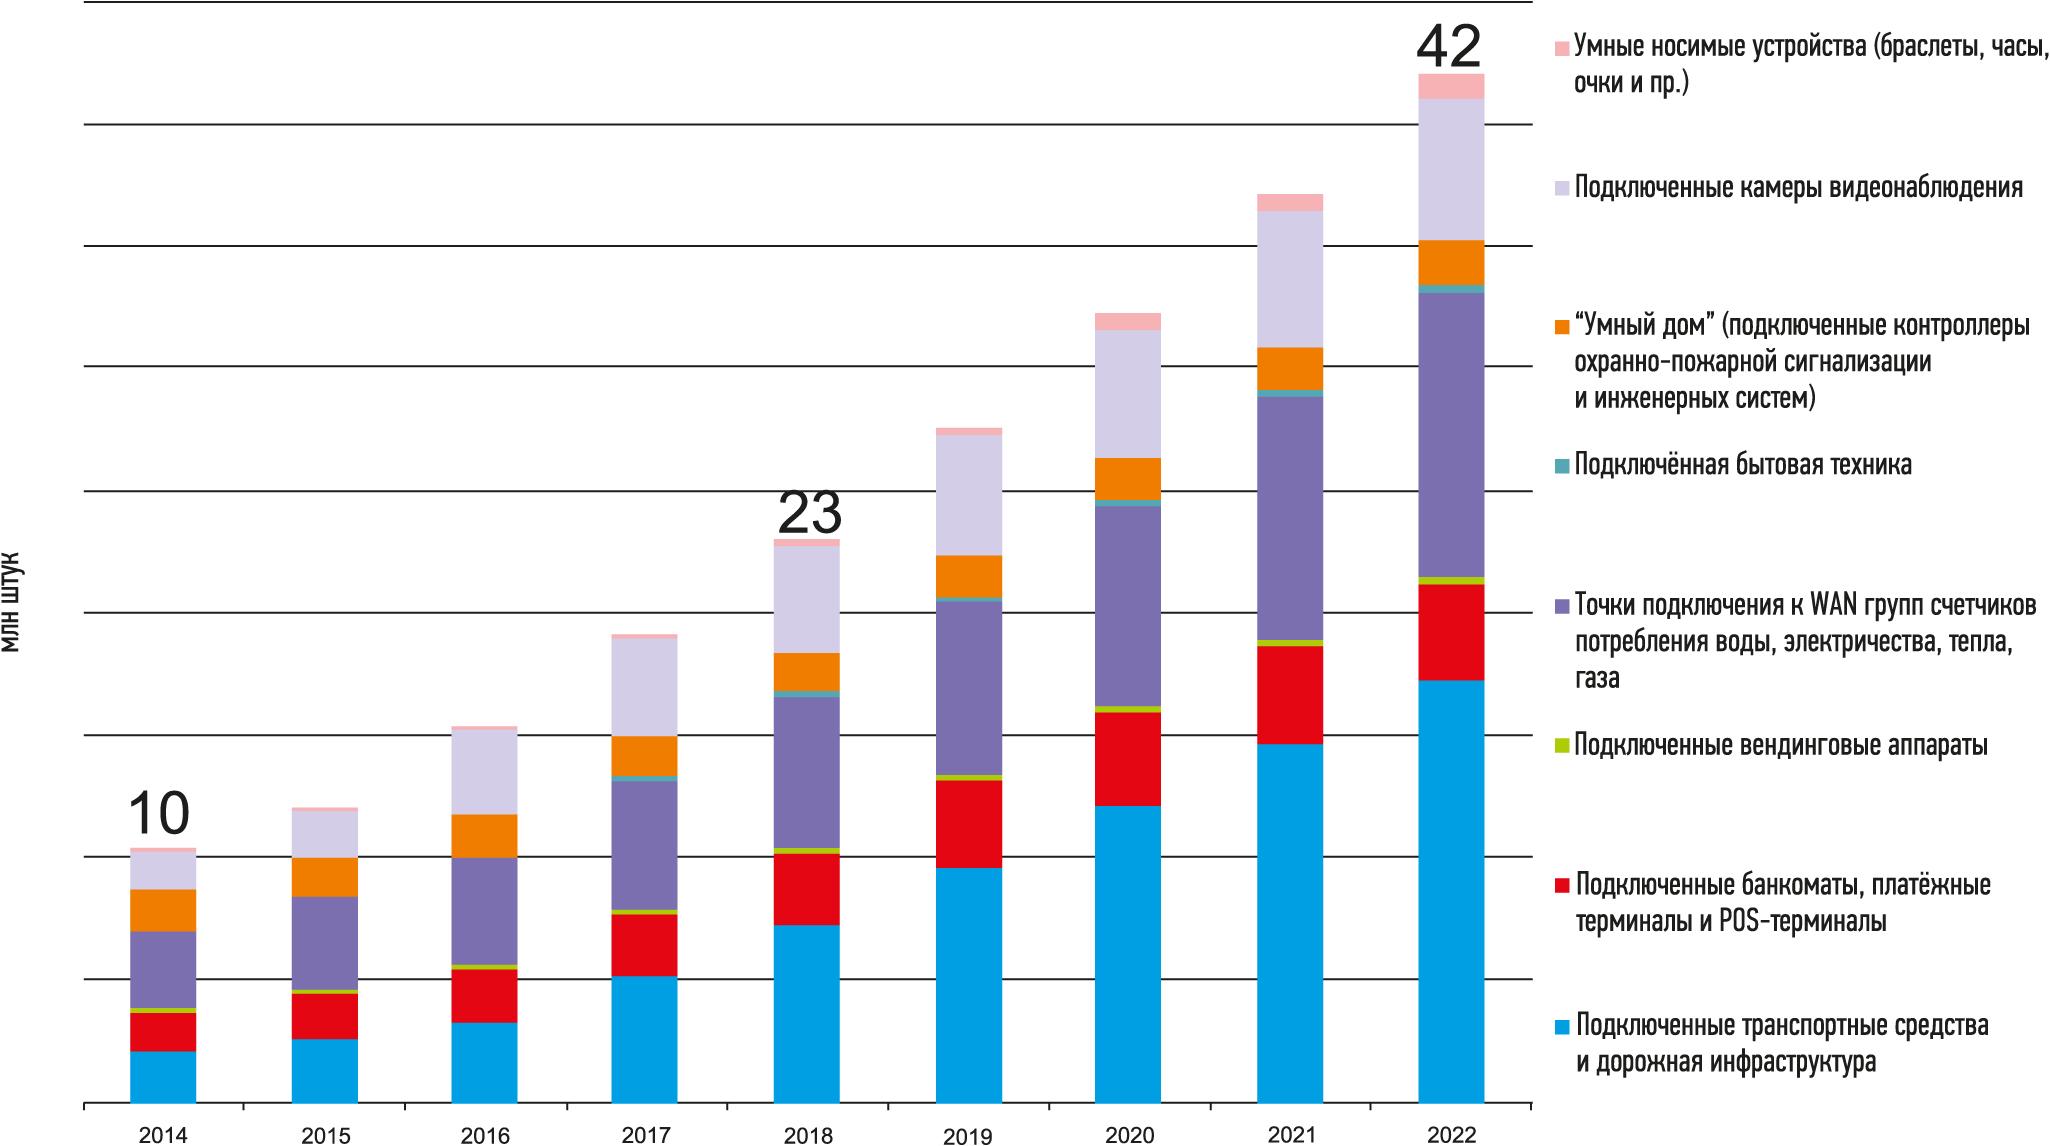 Российский рынок IoT/M2M — подключенные устройства по видам применений